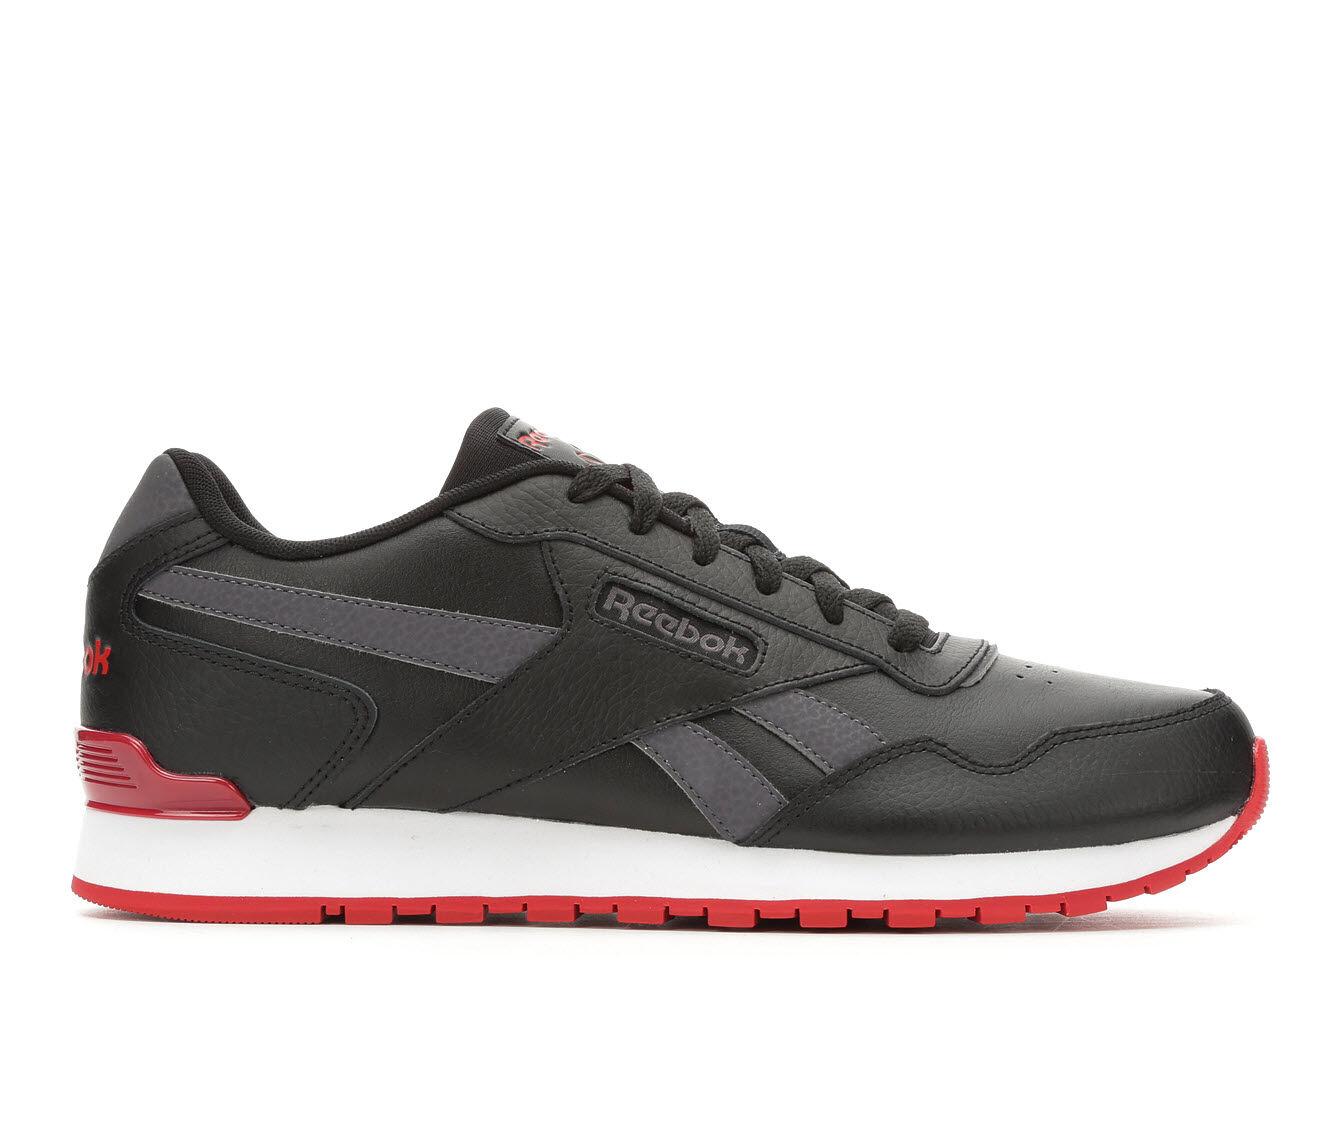 Men's Reebok Harman Run Clip Retro Sneakers Blk/Red/Wht